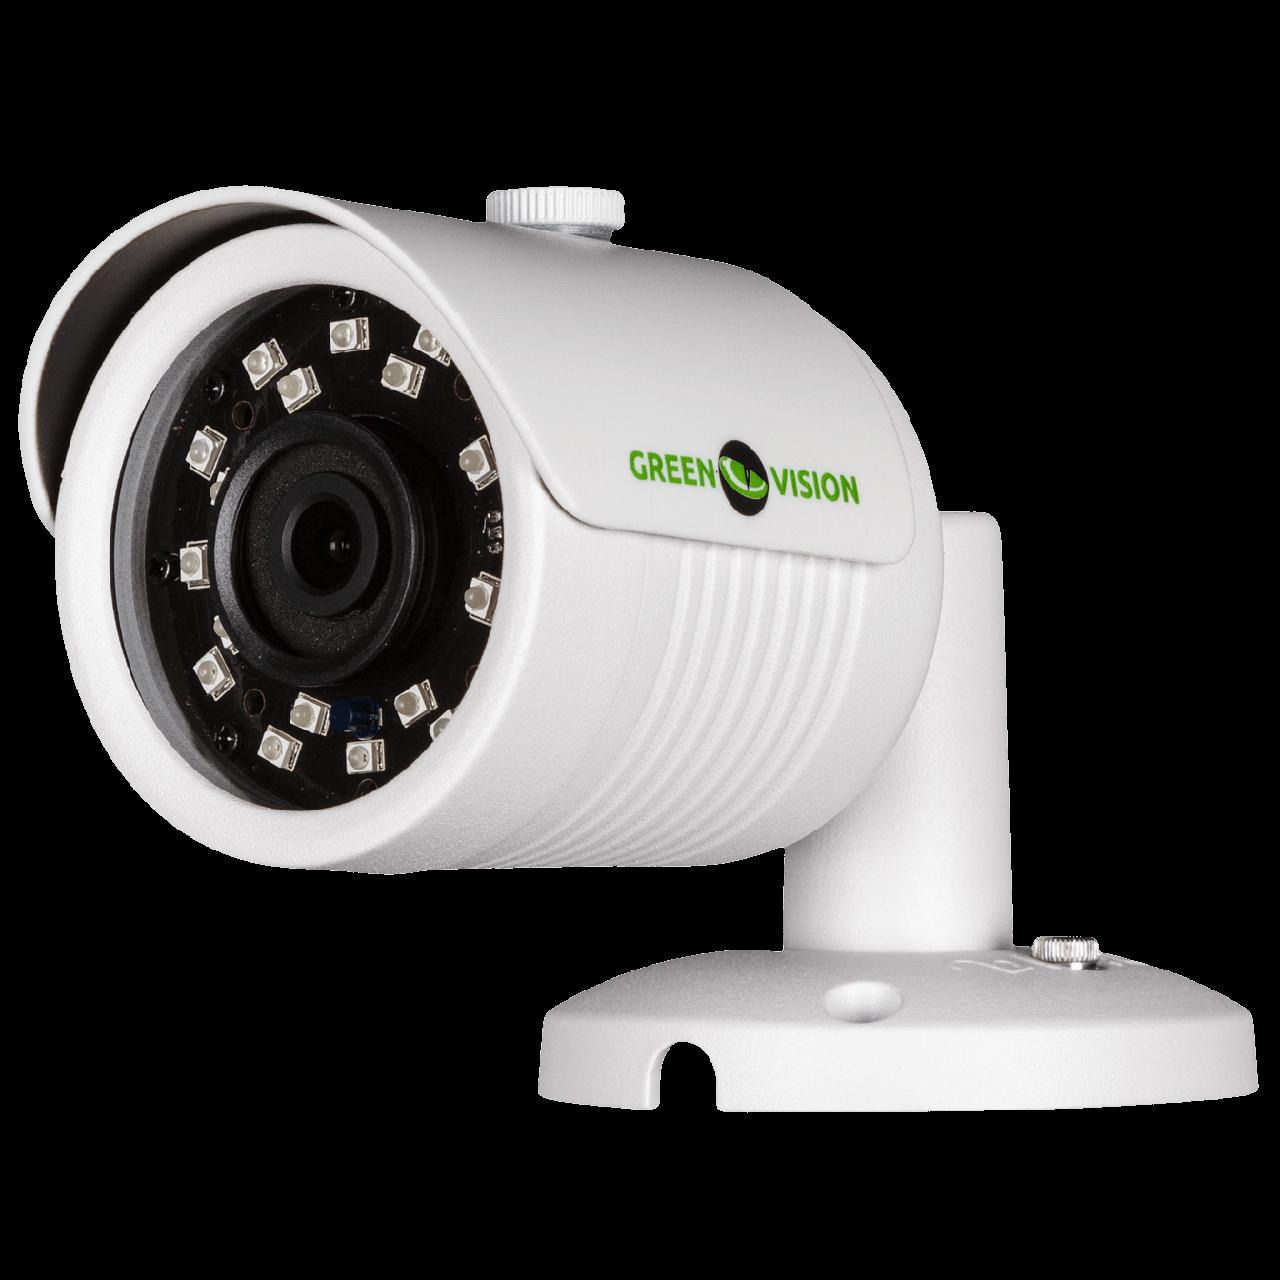 Камера наружная гибридная Green Vision GV-024-GHD-E-COO21-20 1080p